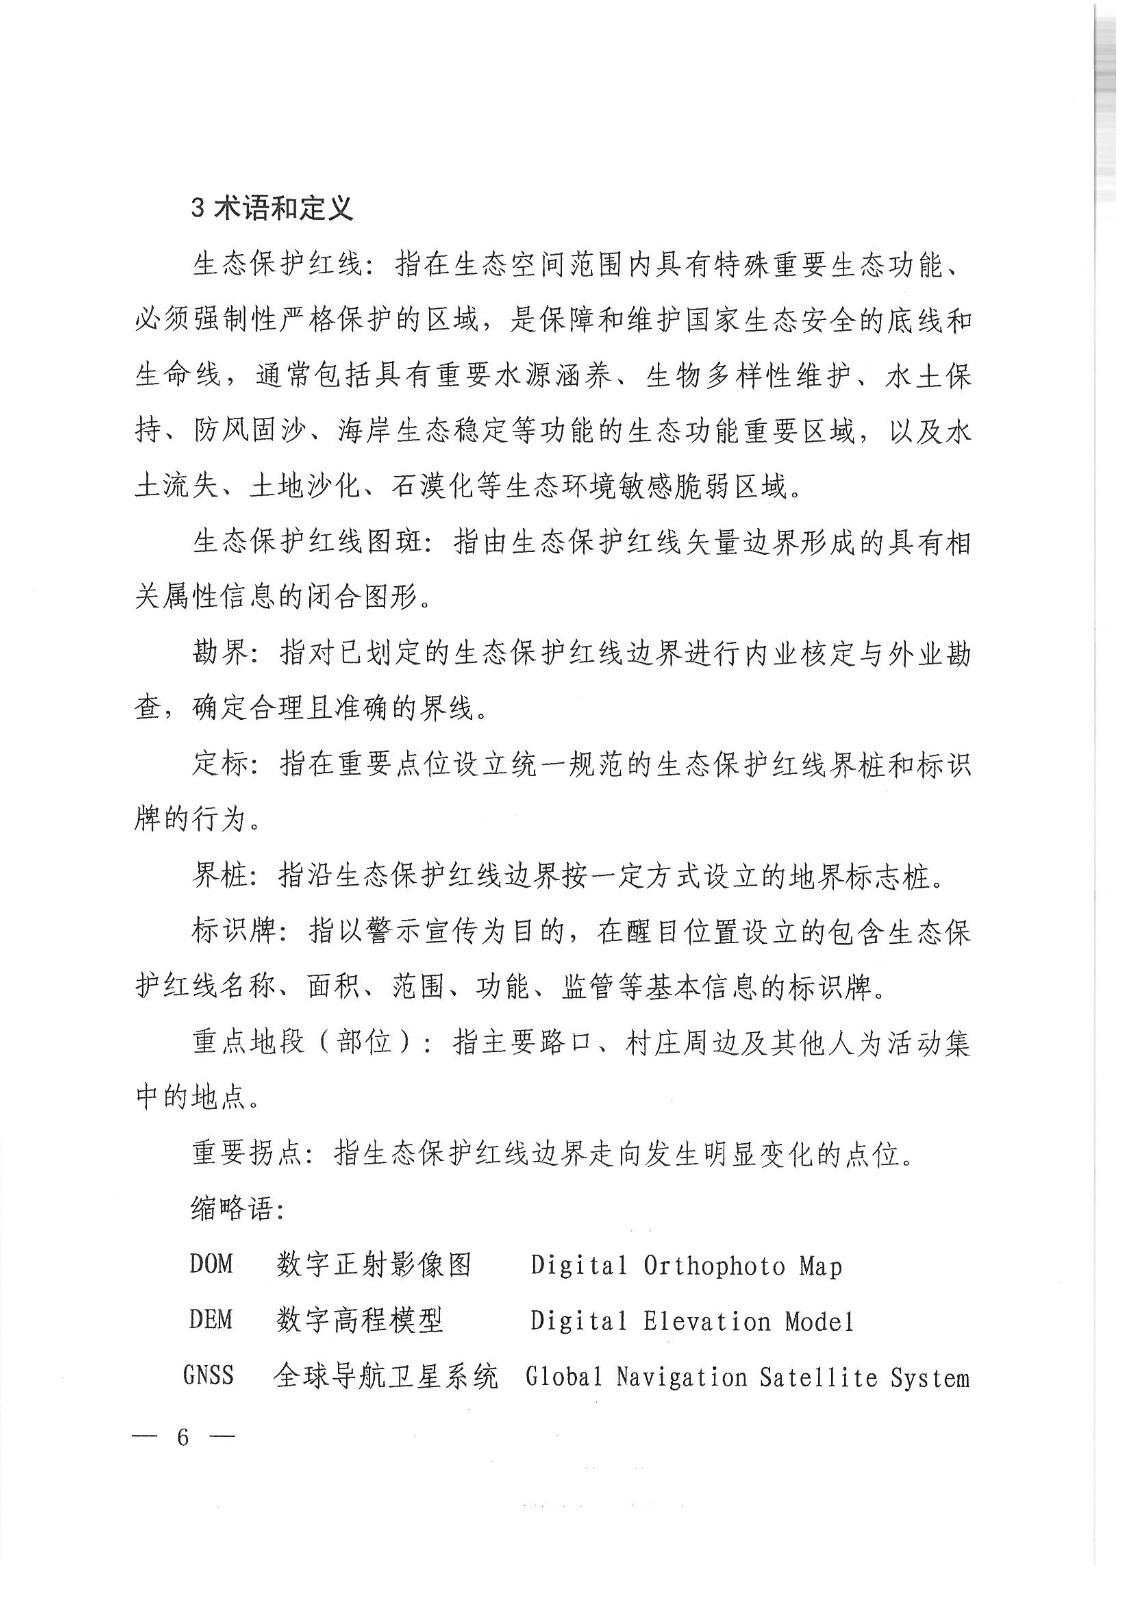 生态保护红线勘界定标技术规程(201908)_页面_04.jpg